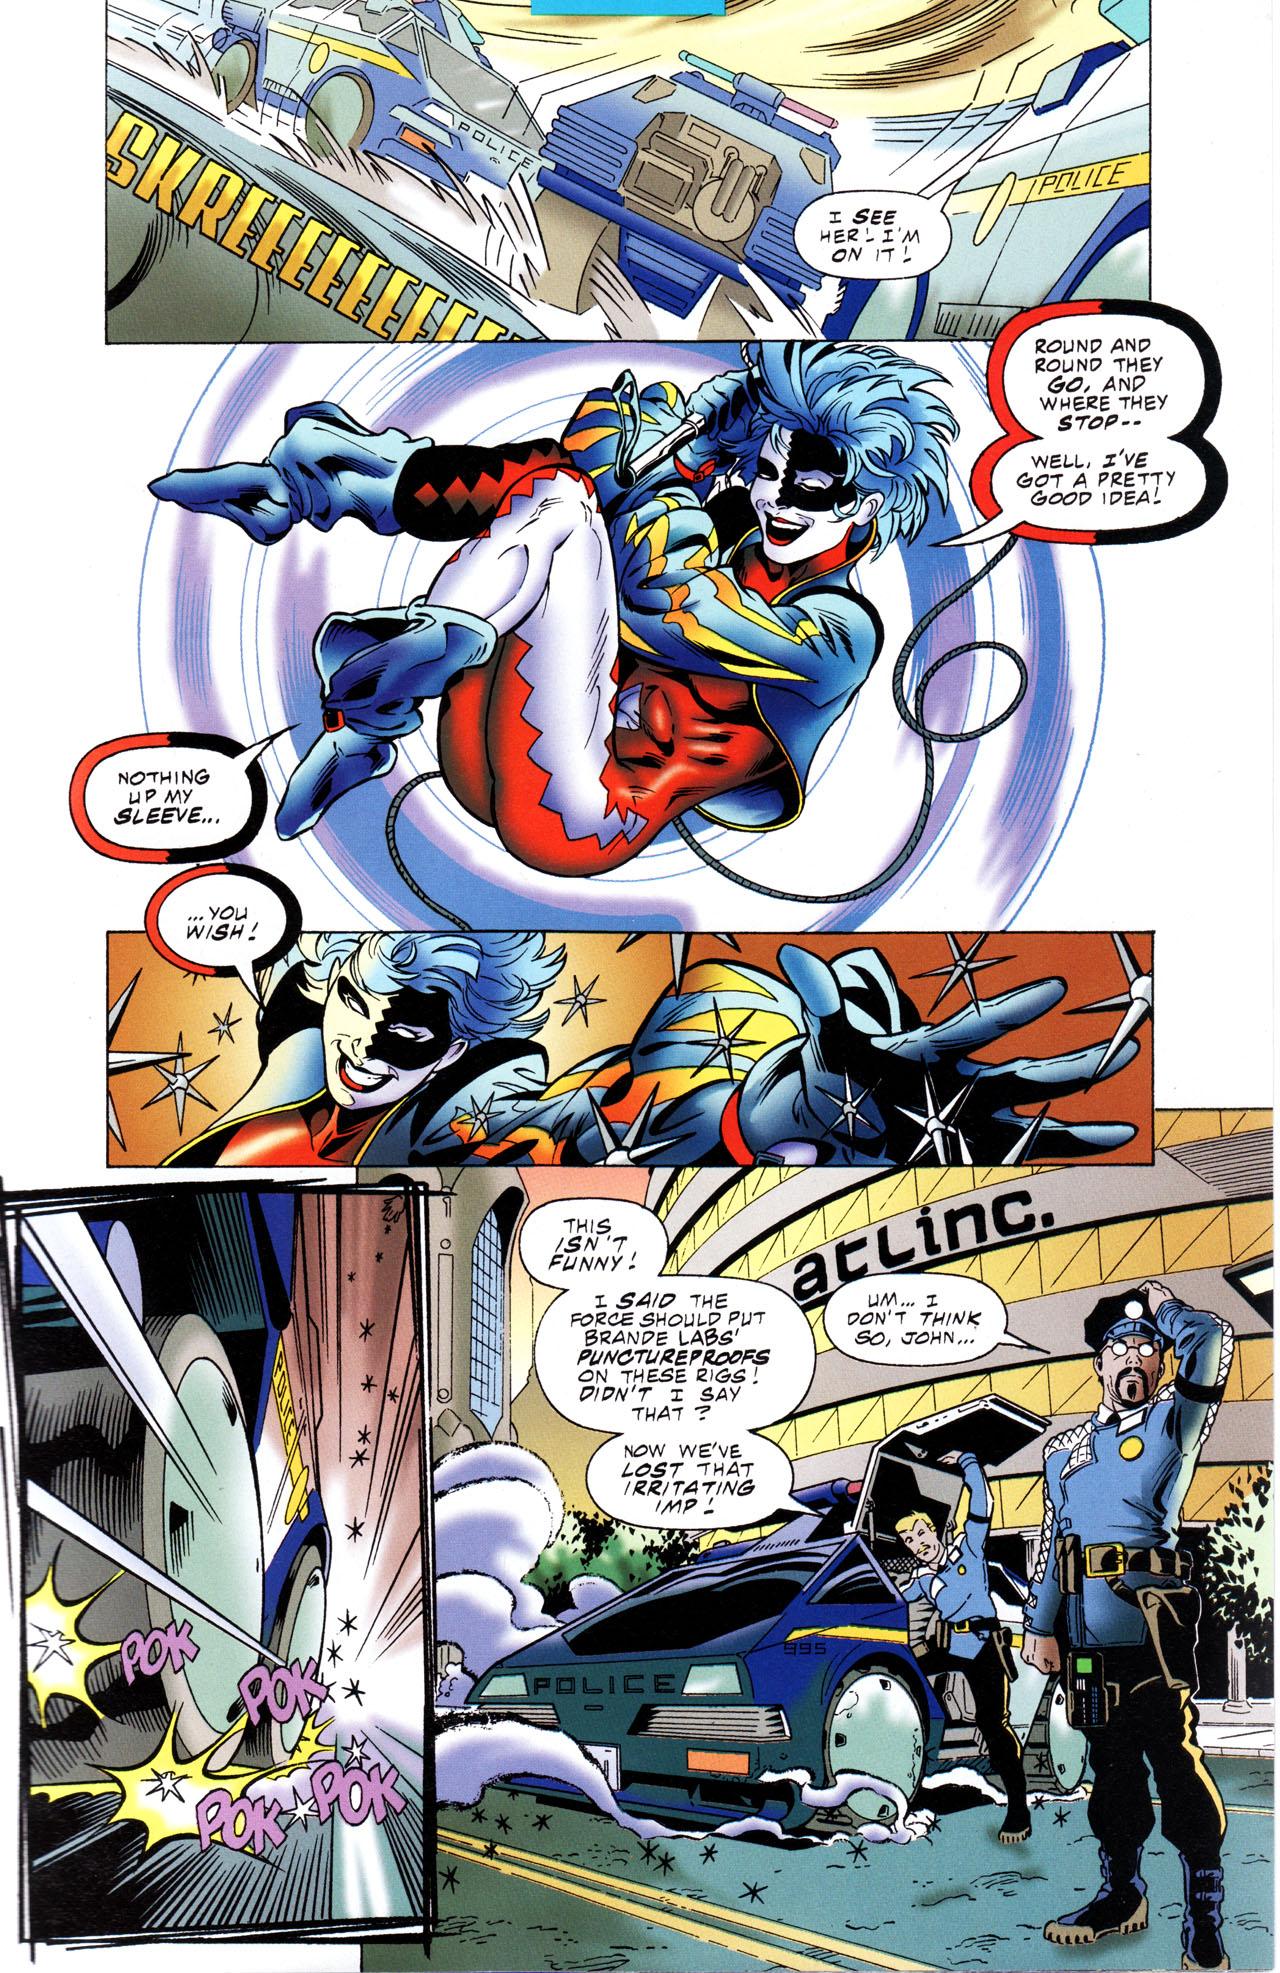 Read online Tangent Comics/ The Joker comic -  Issue # Full - 6